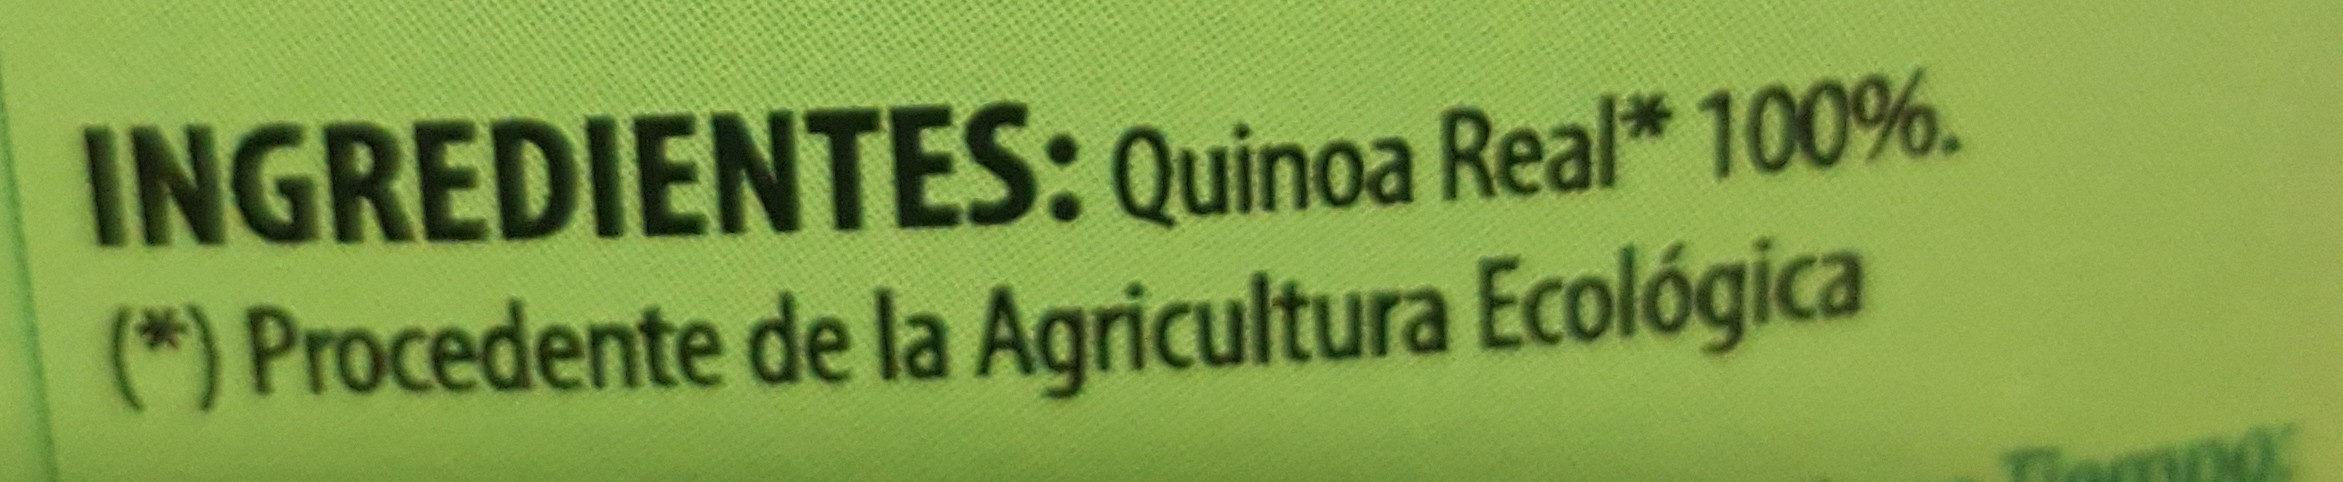 Quinoa Real Biobasic - Ingredientes - es